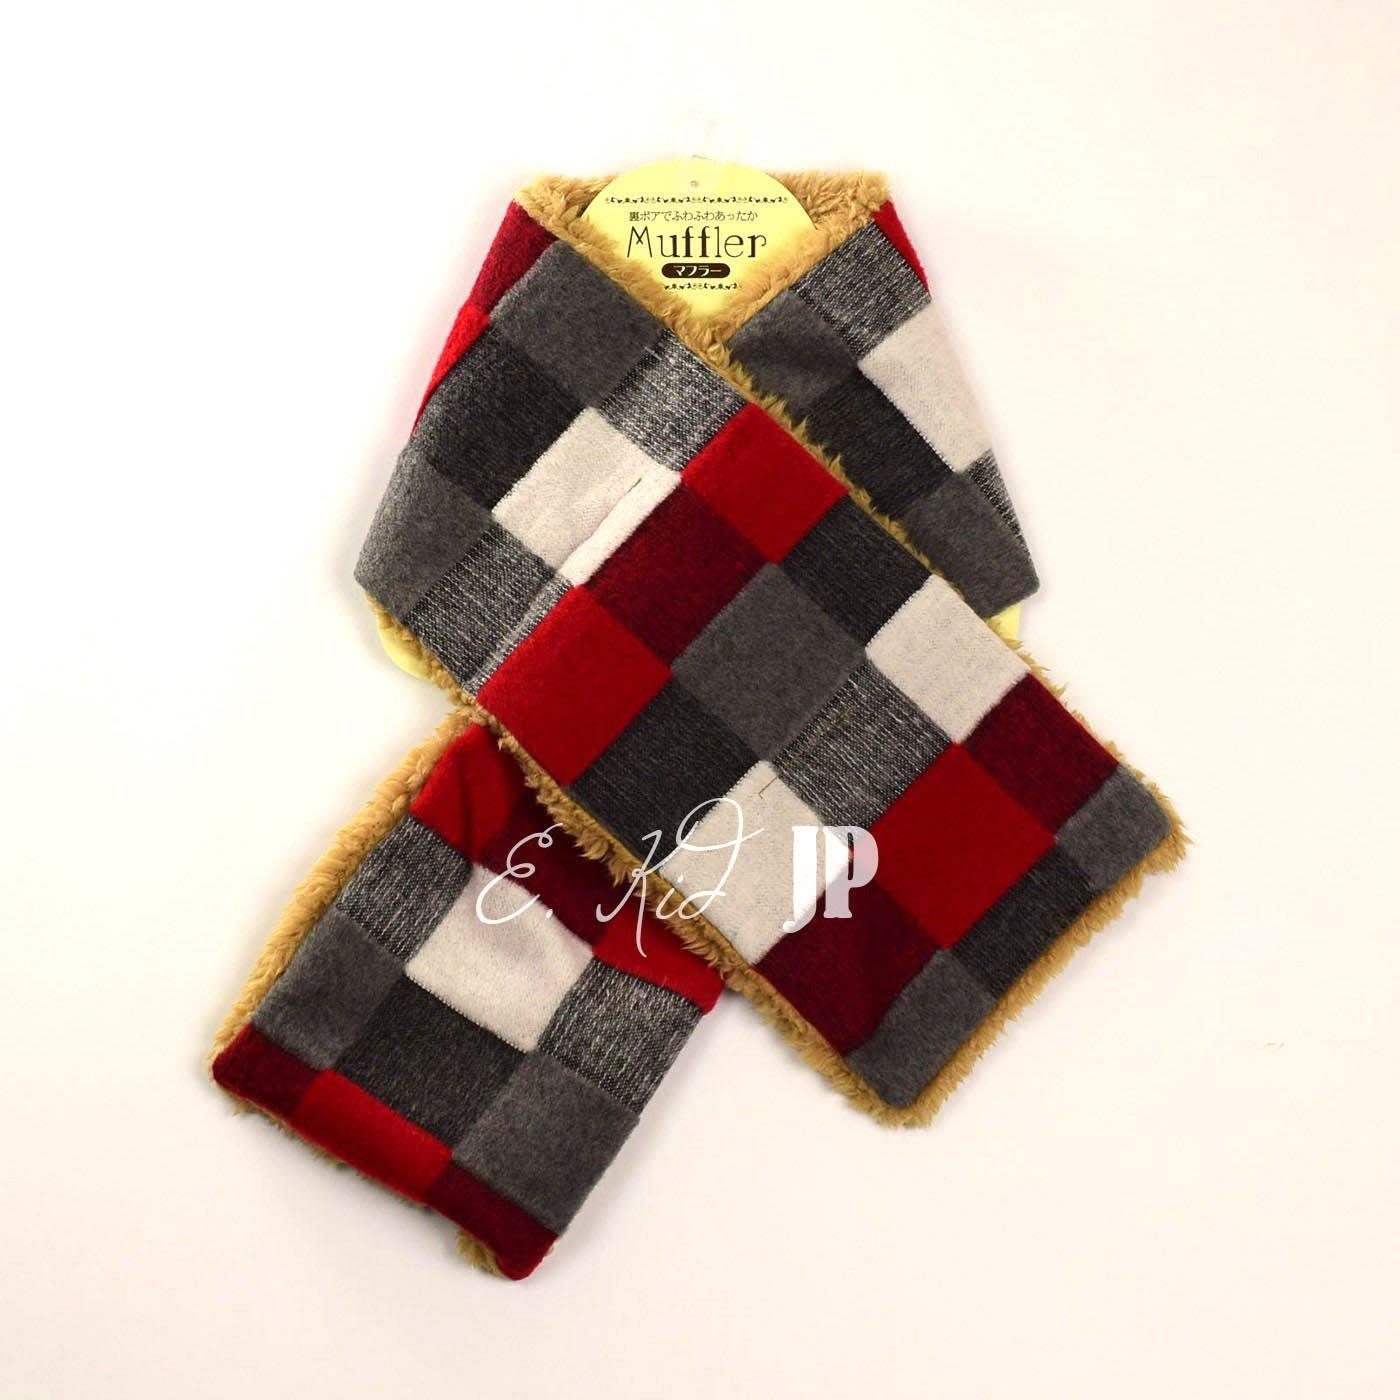 日本童裝 圍巾 脖圍 日本冬天必備  大人小孩都可圍 保暖舒適內刷厚毛款 羊羔絨 保暖  日本空運~小太陽日本精品